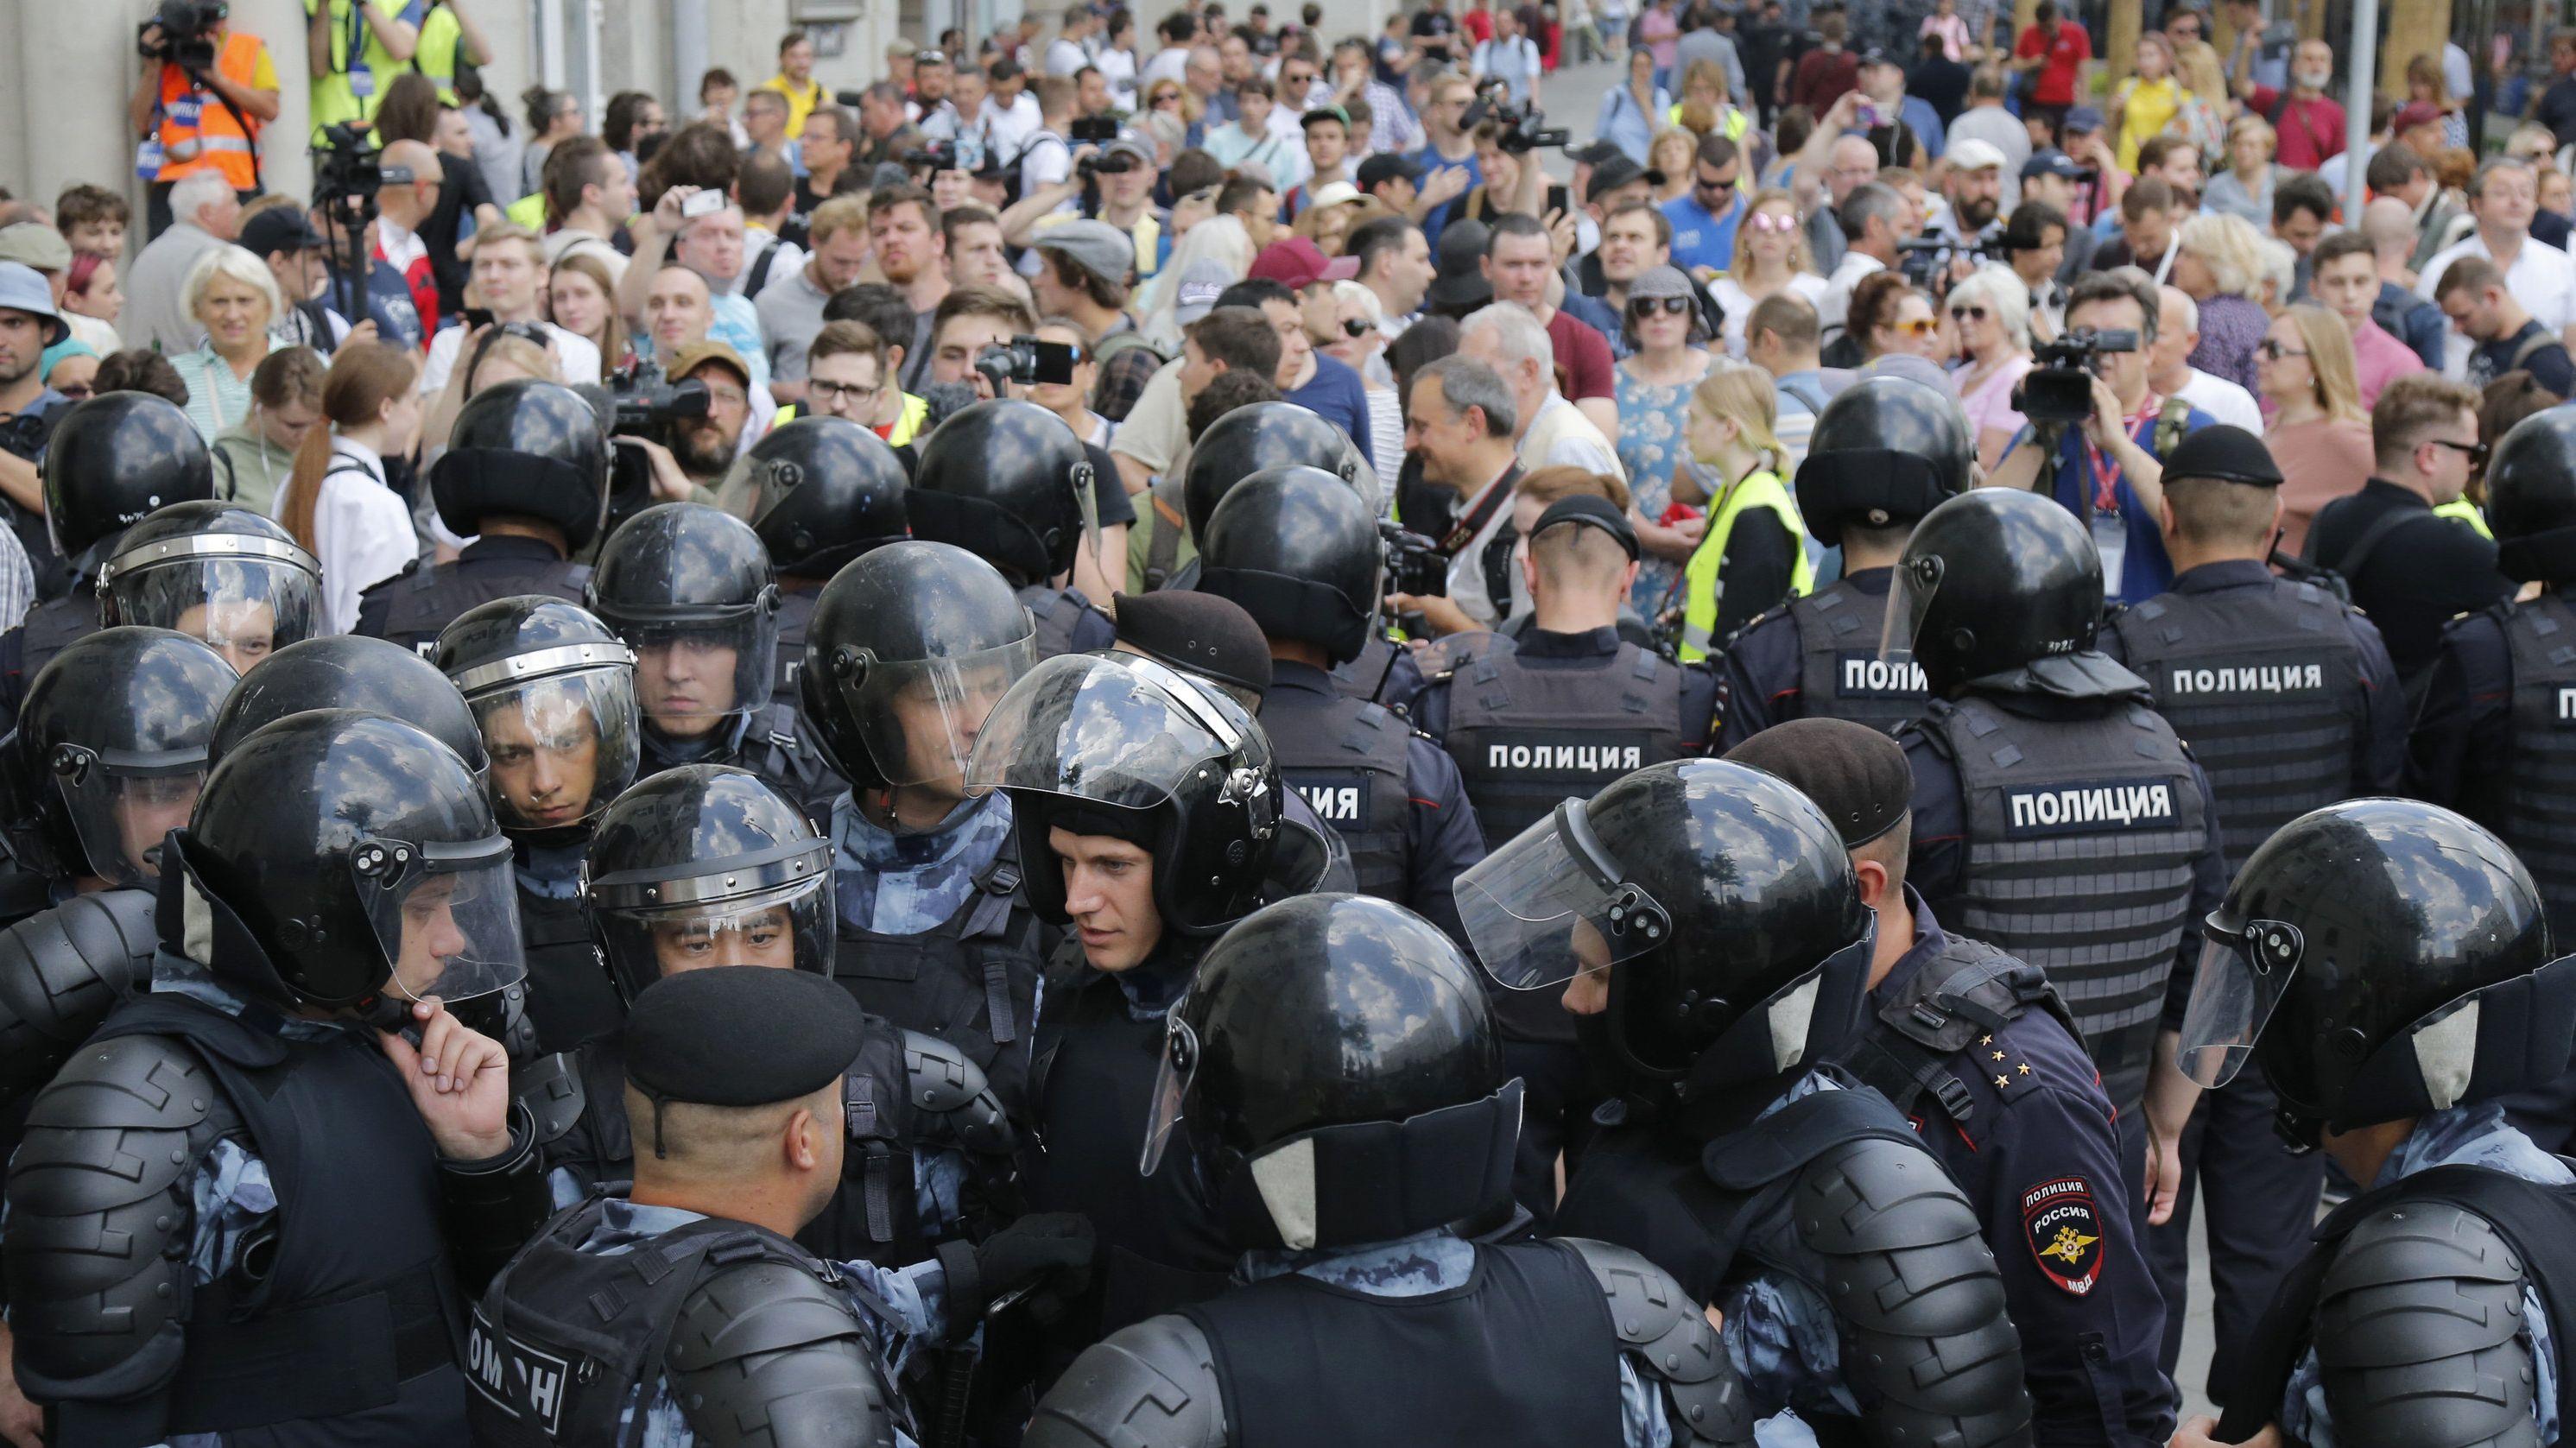 Die Polizei blockiert eine Straße vor einer nicht genehmigten Kundgebung im Zentrum der Stadt.